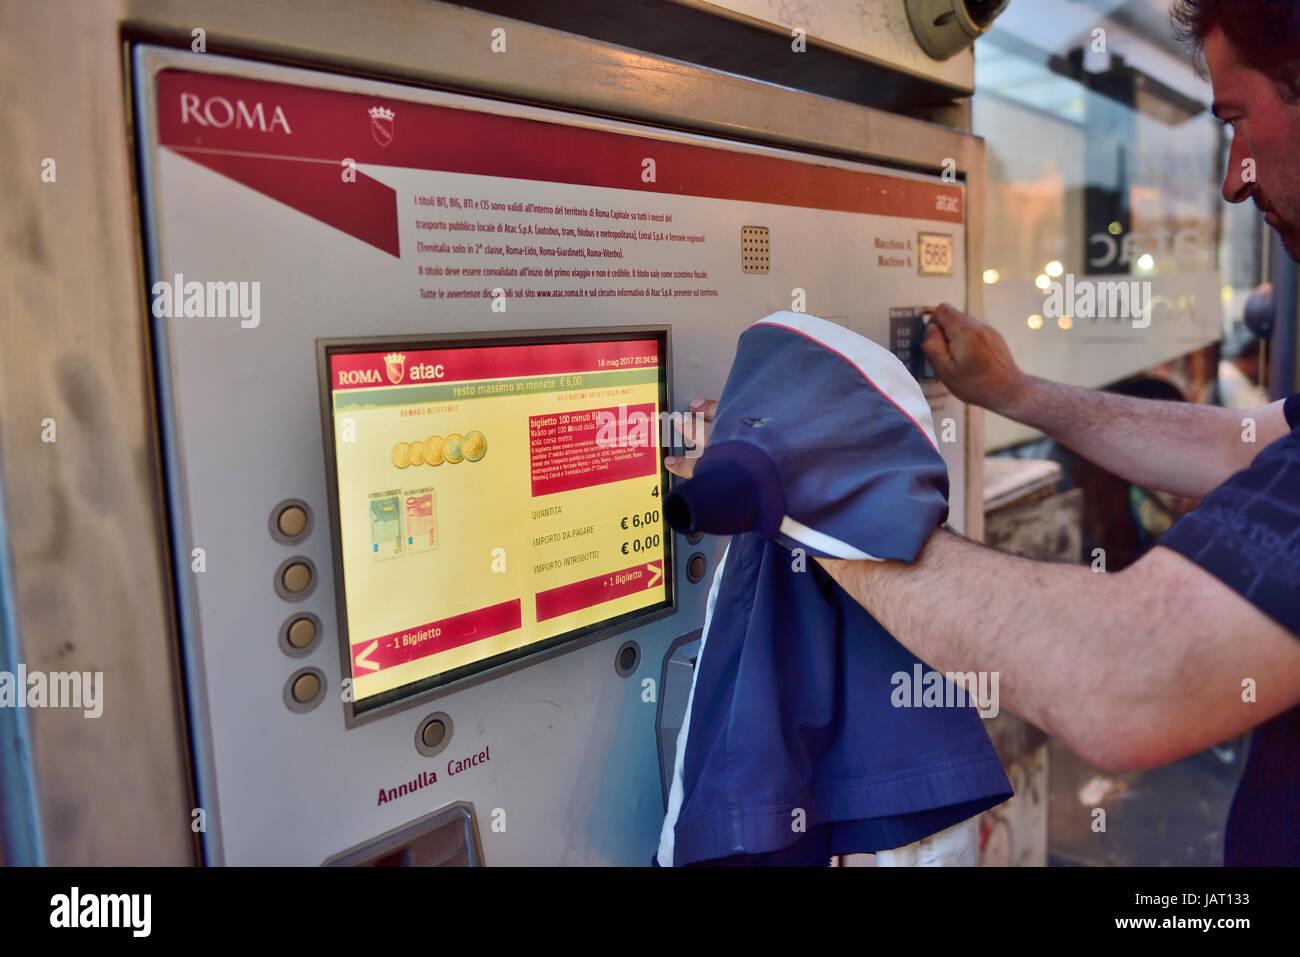 Self service macchine biglietteria al terminal di trasporto per il trasporto pubblico della metropolitana di Roma Immagini Stock